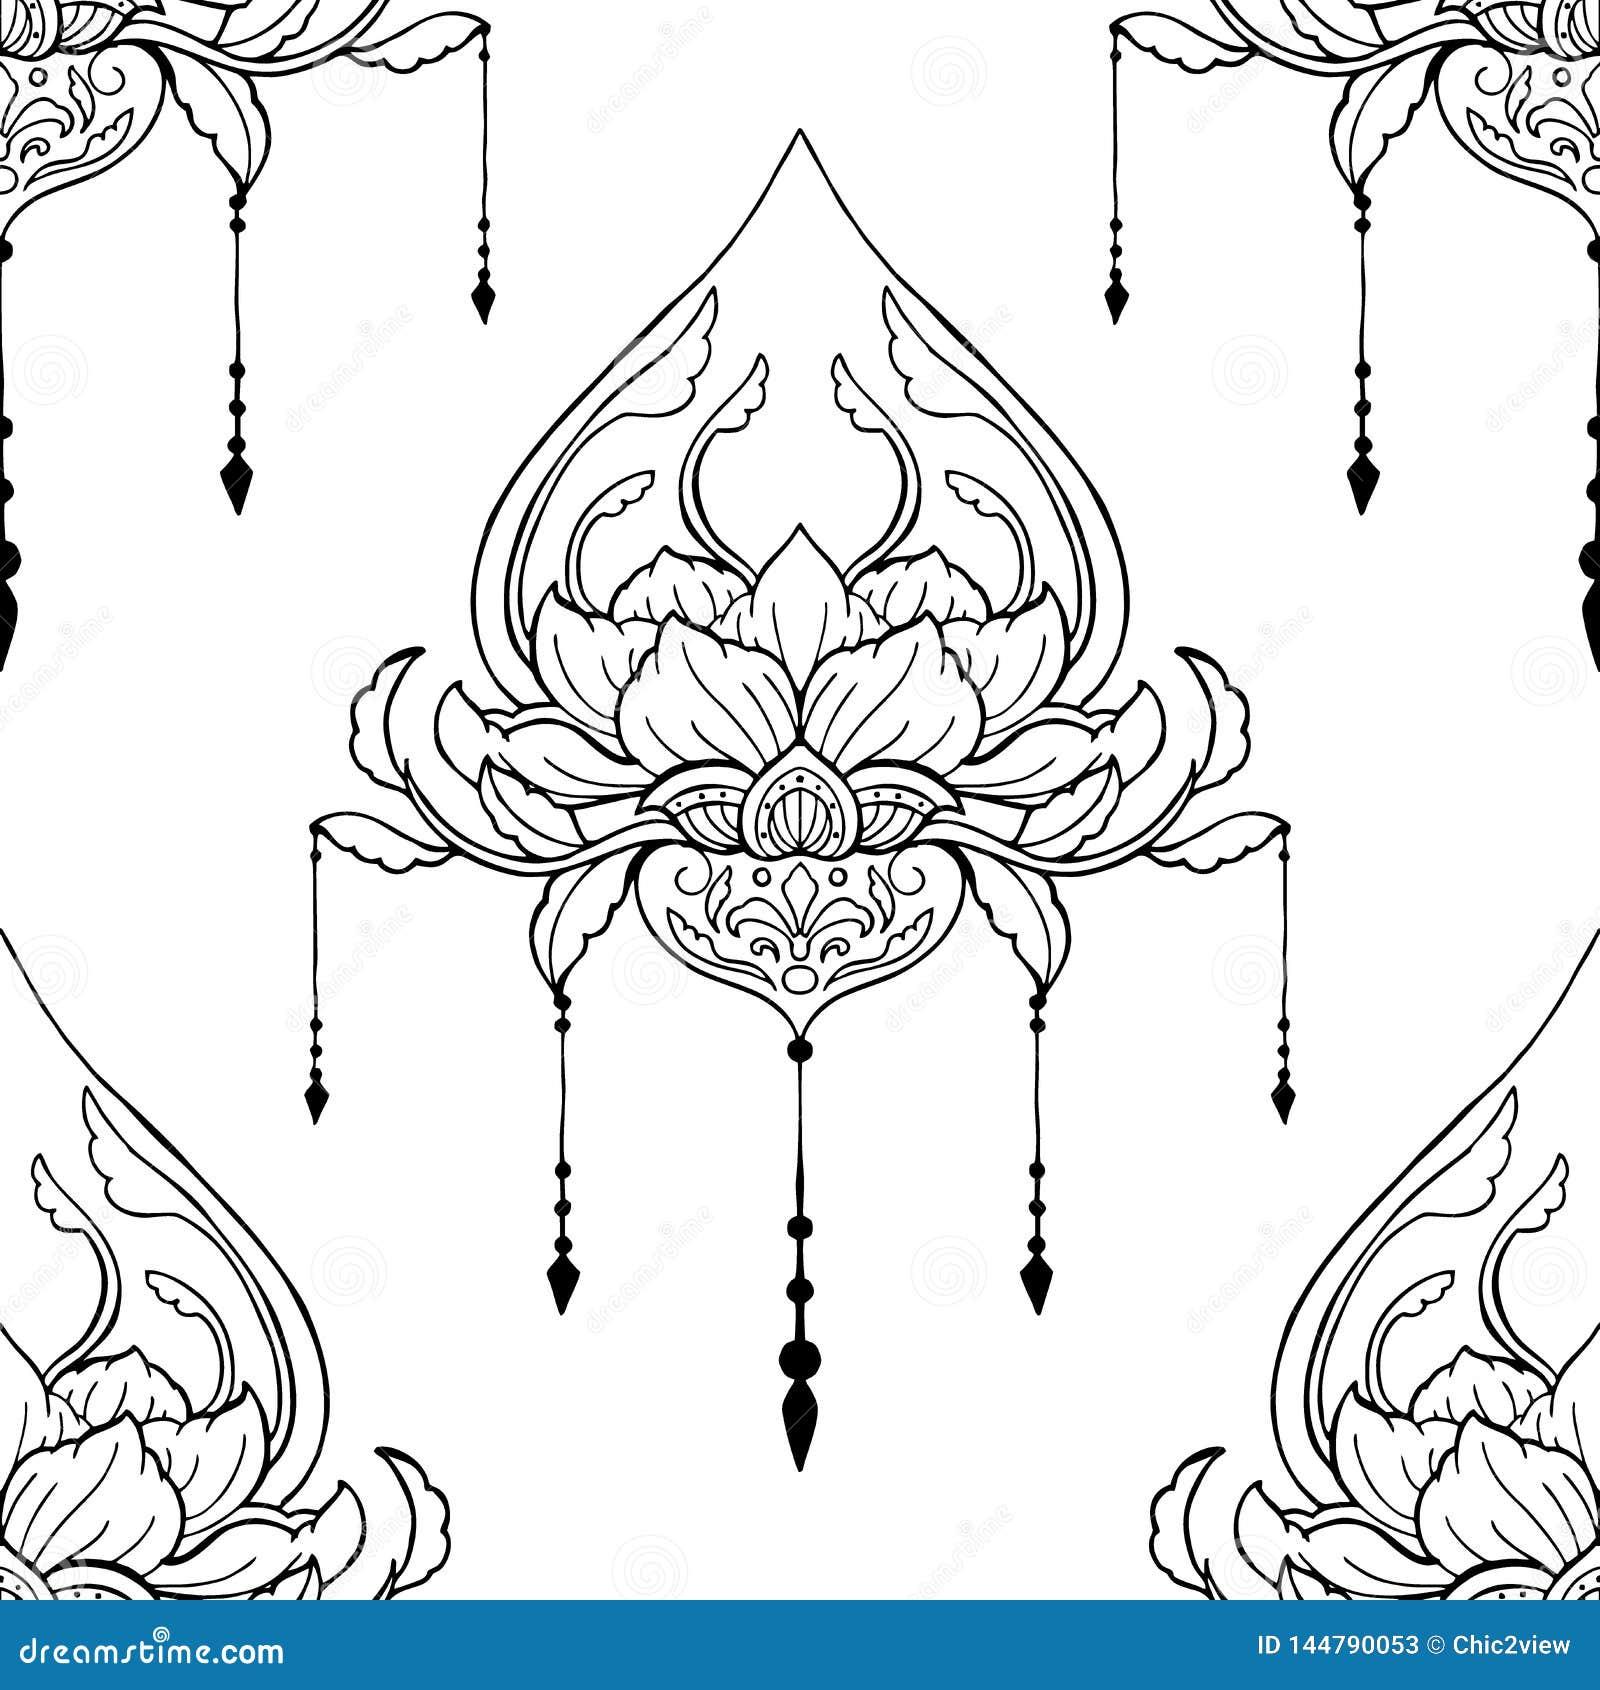 Ilustracao Da Flor De Lotus De Mehndi Para A Decoracao Do Elemento